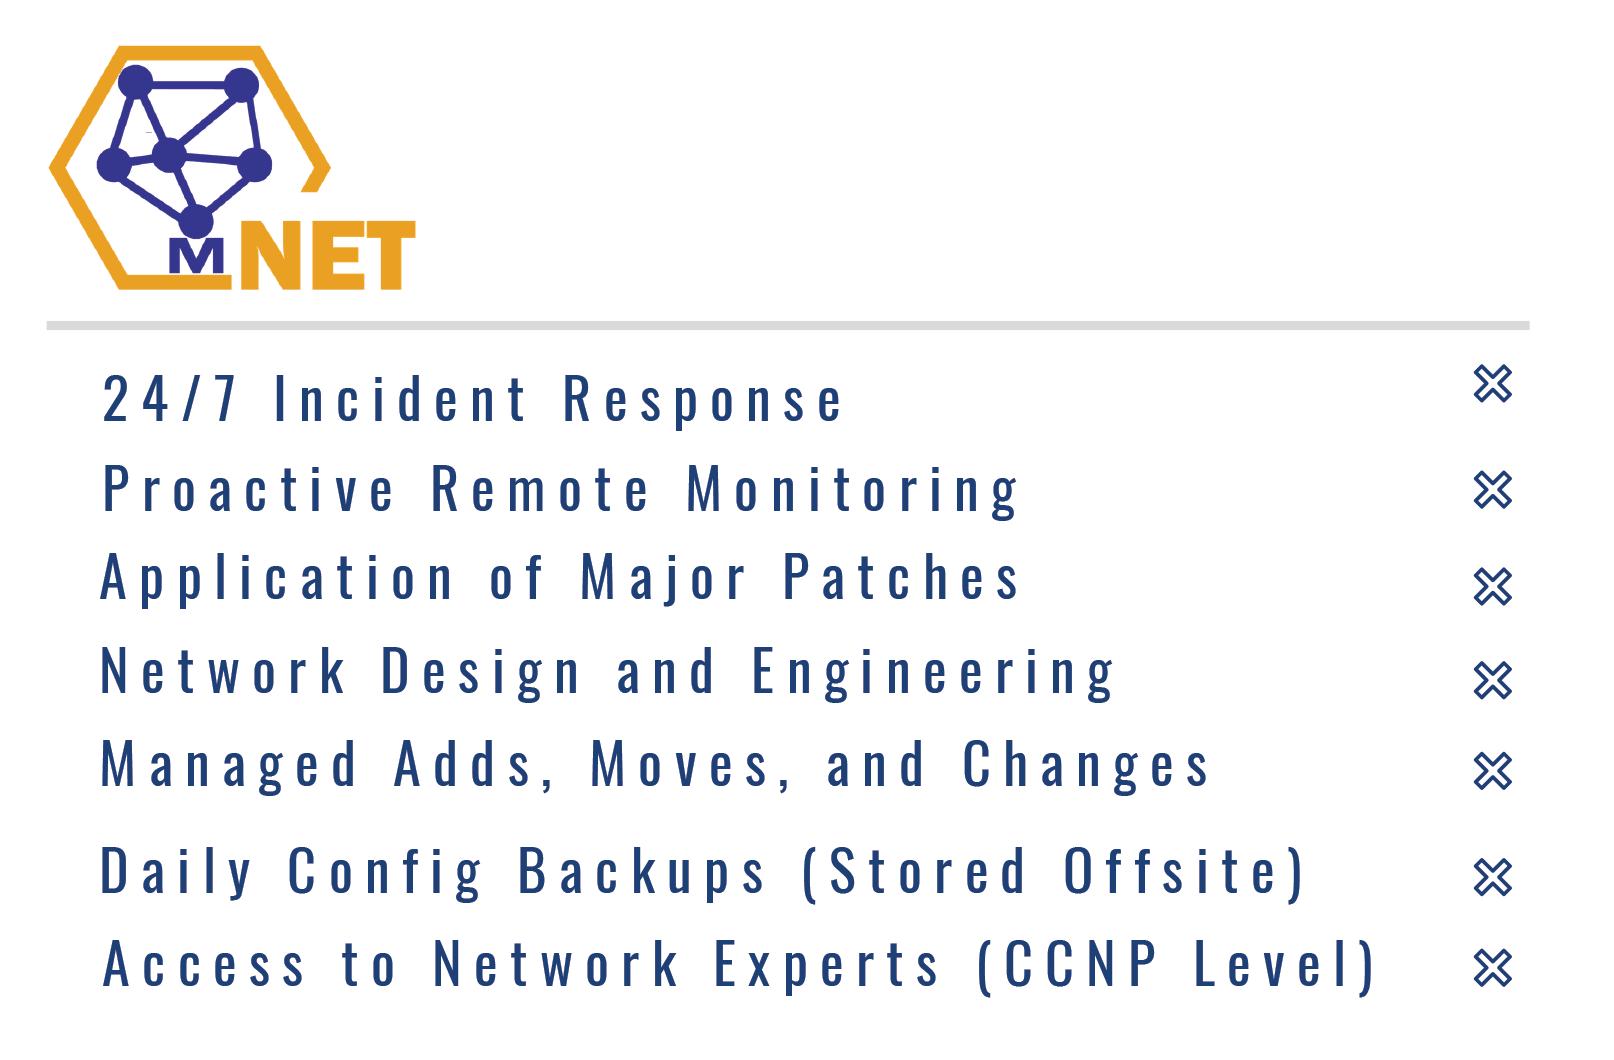 Matrix Networks Managed LAN